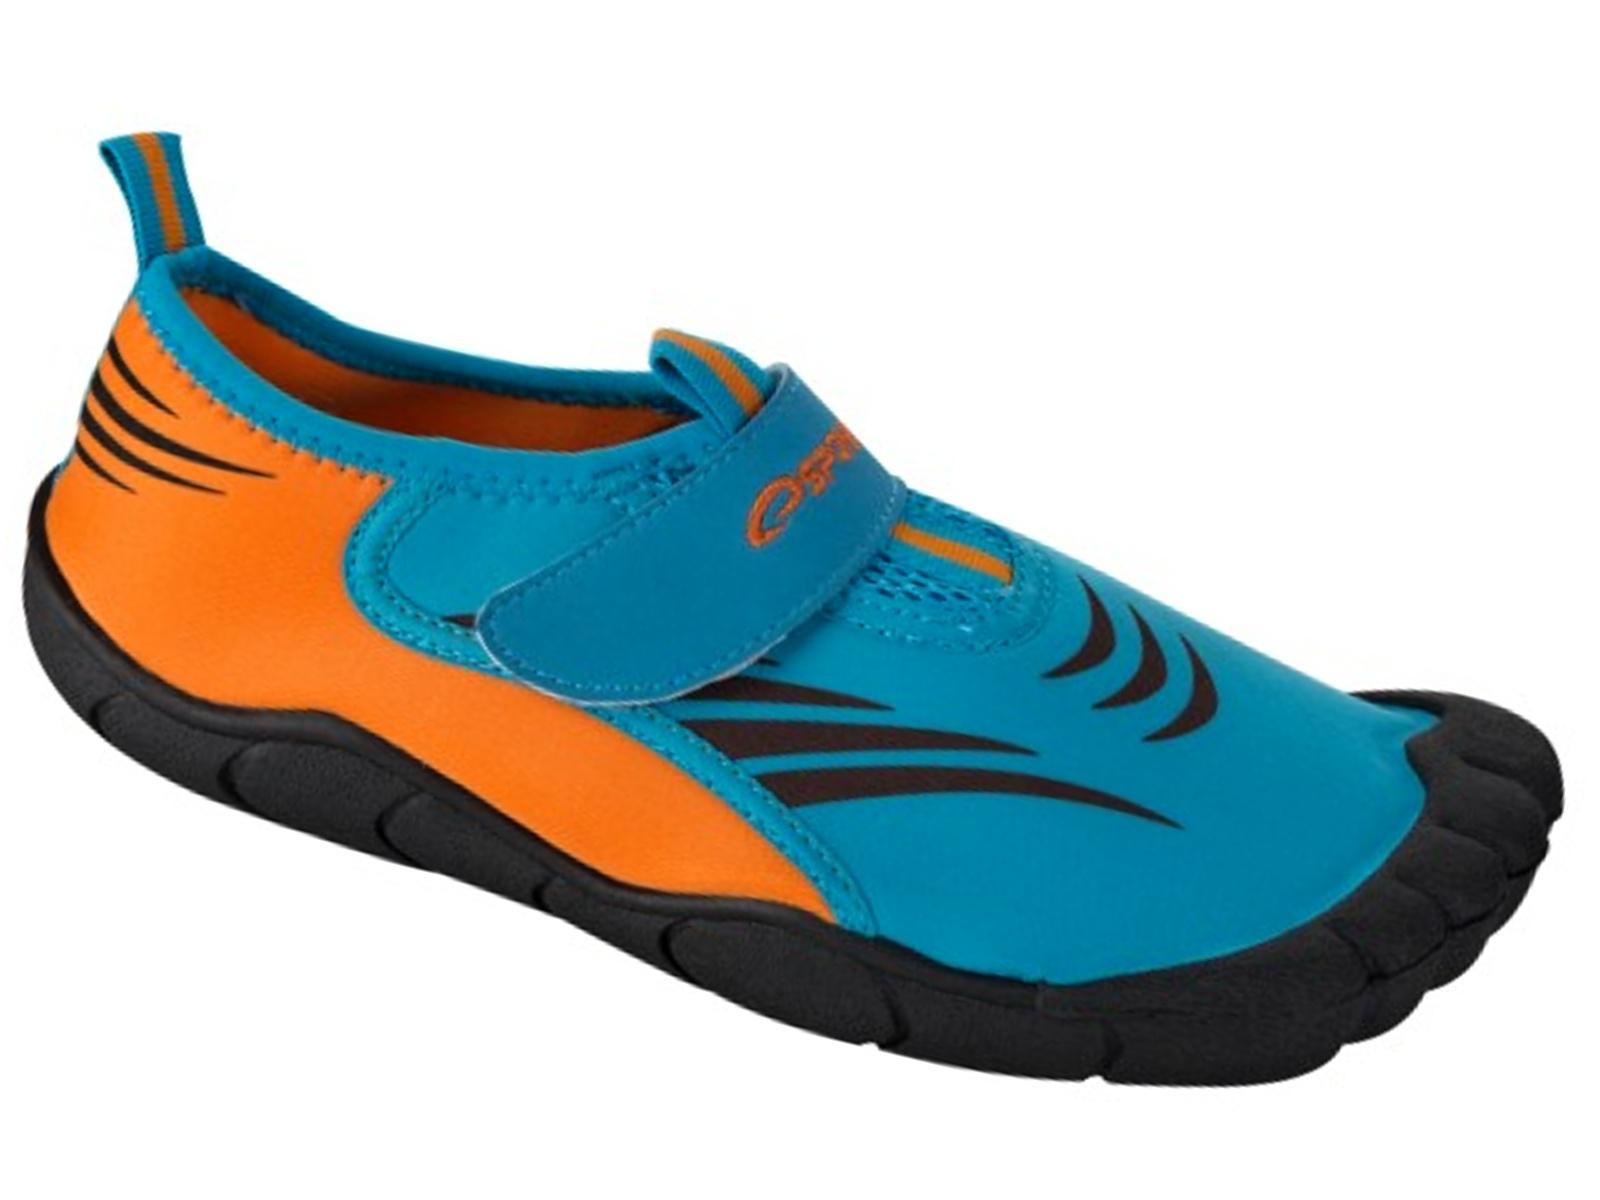 Boty do vody SPOKEY Seafoot pánské - vel. 46